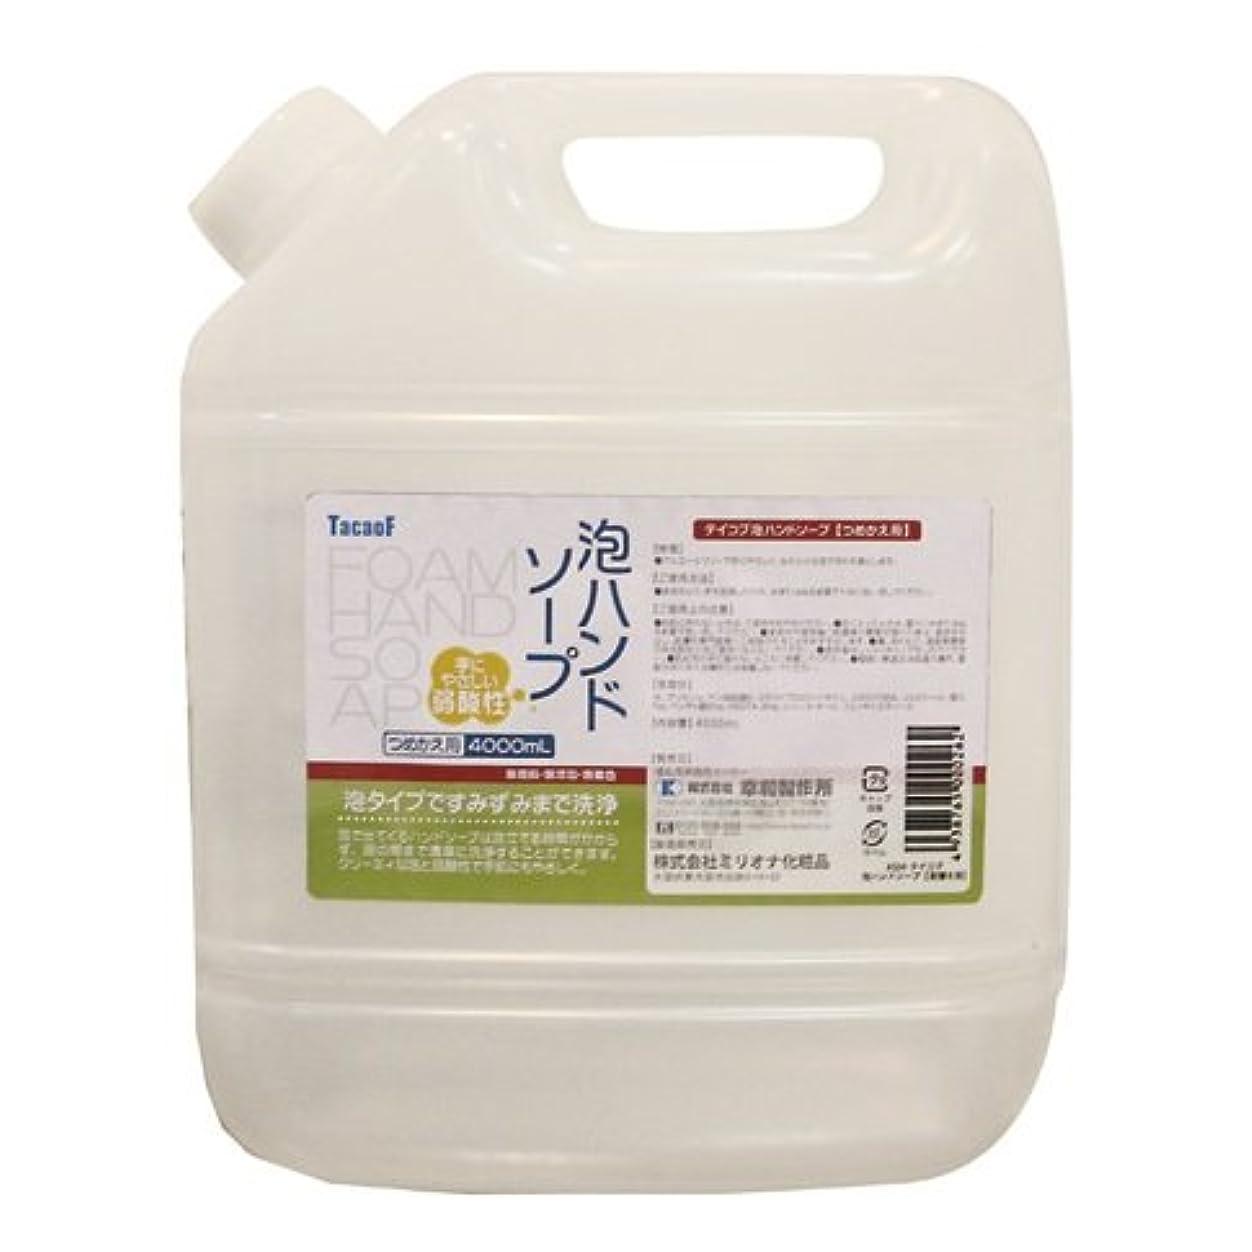 反対に通行料金蒸発する幸和製作所 テイコブ泡ハンドソープ詰め替え用 4000ml